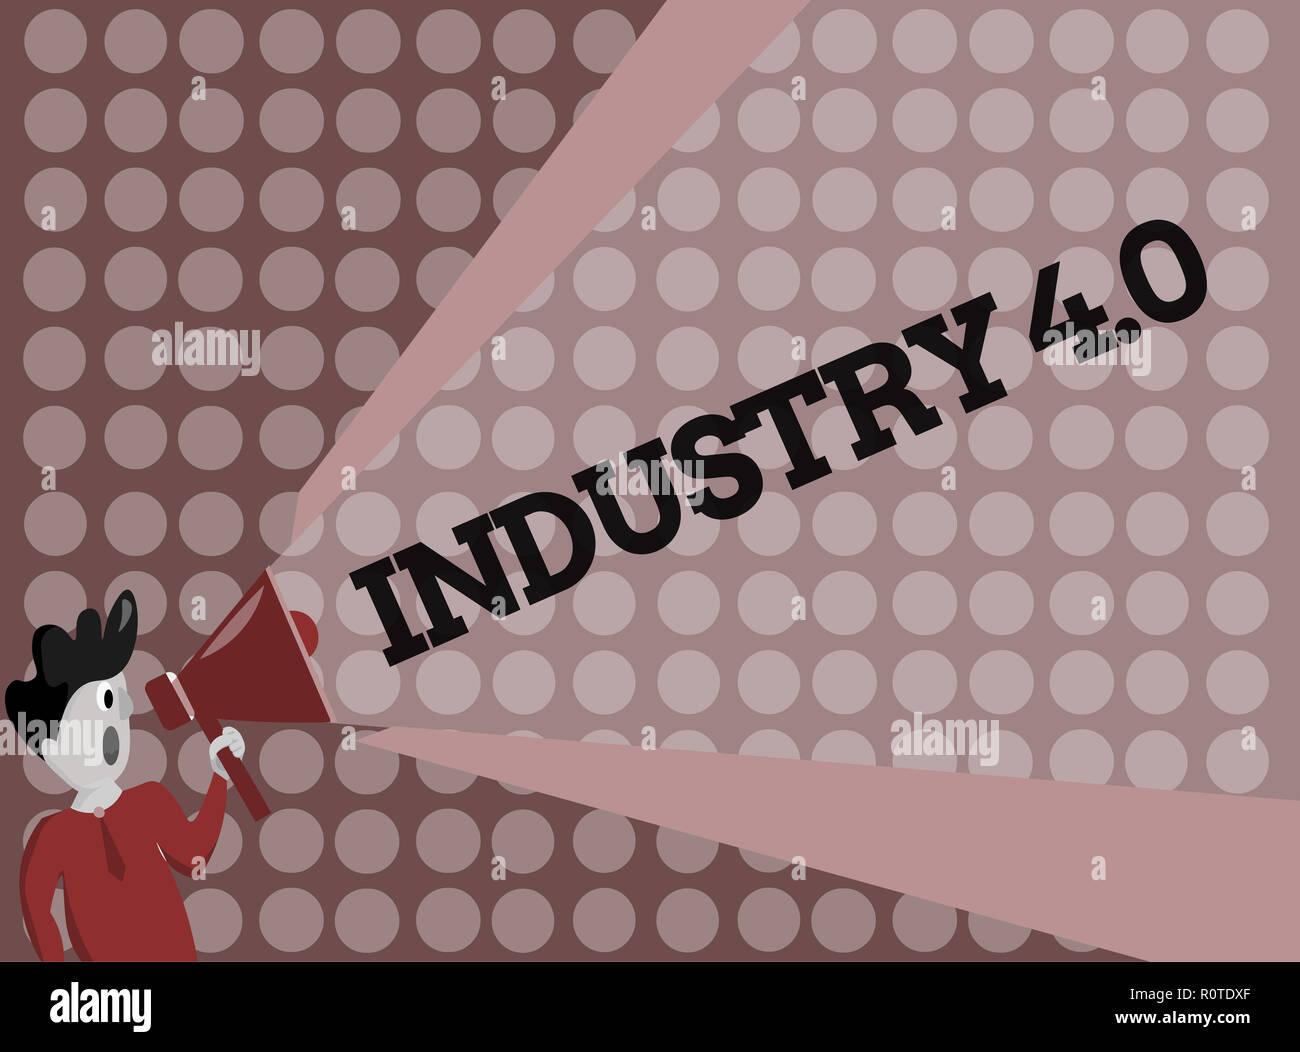 Schreiben Hinweis Ubersicht Industrie 4 0 Business Foto Prasentiert